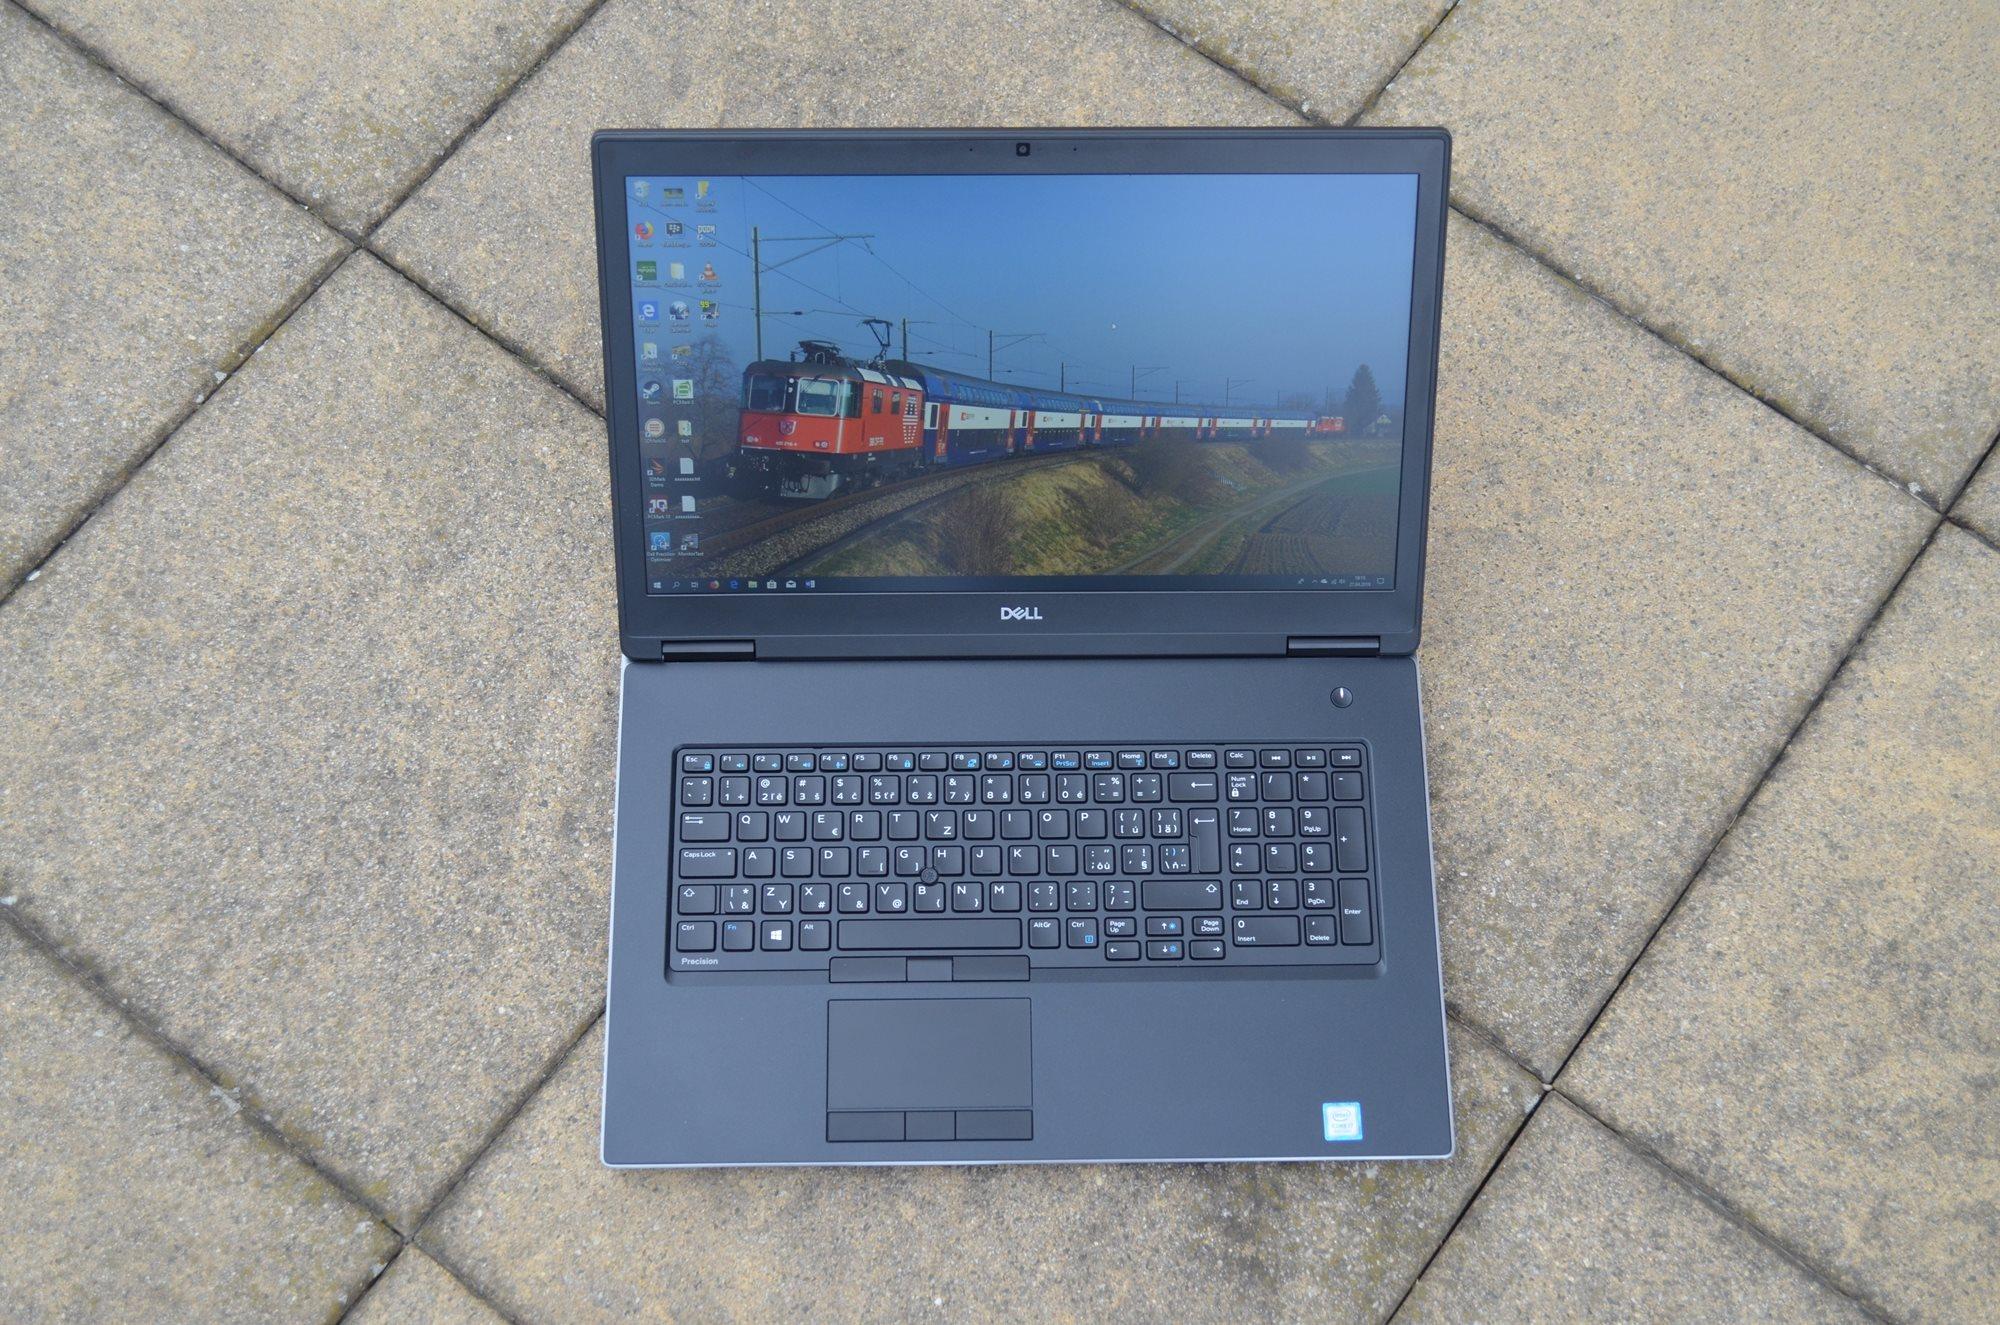 Čitelnost displeje Dell Precision 7730 R11CM za denního světla (zamračené počasí).